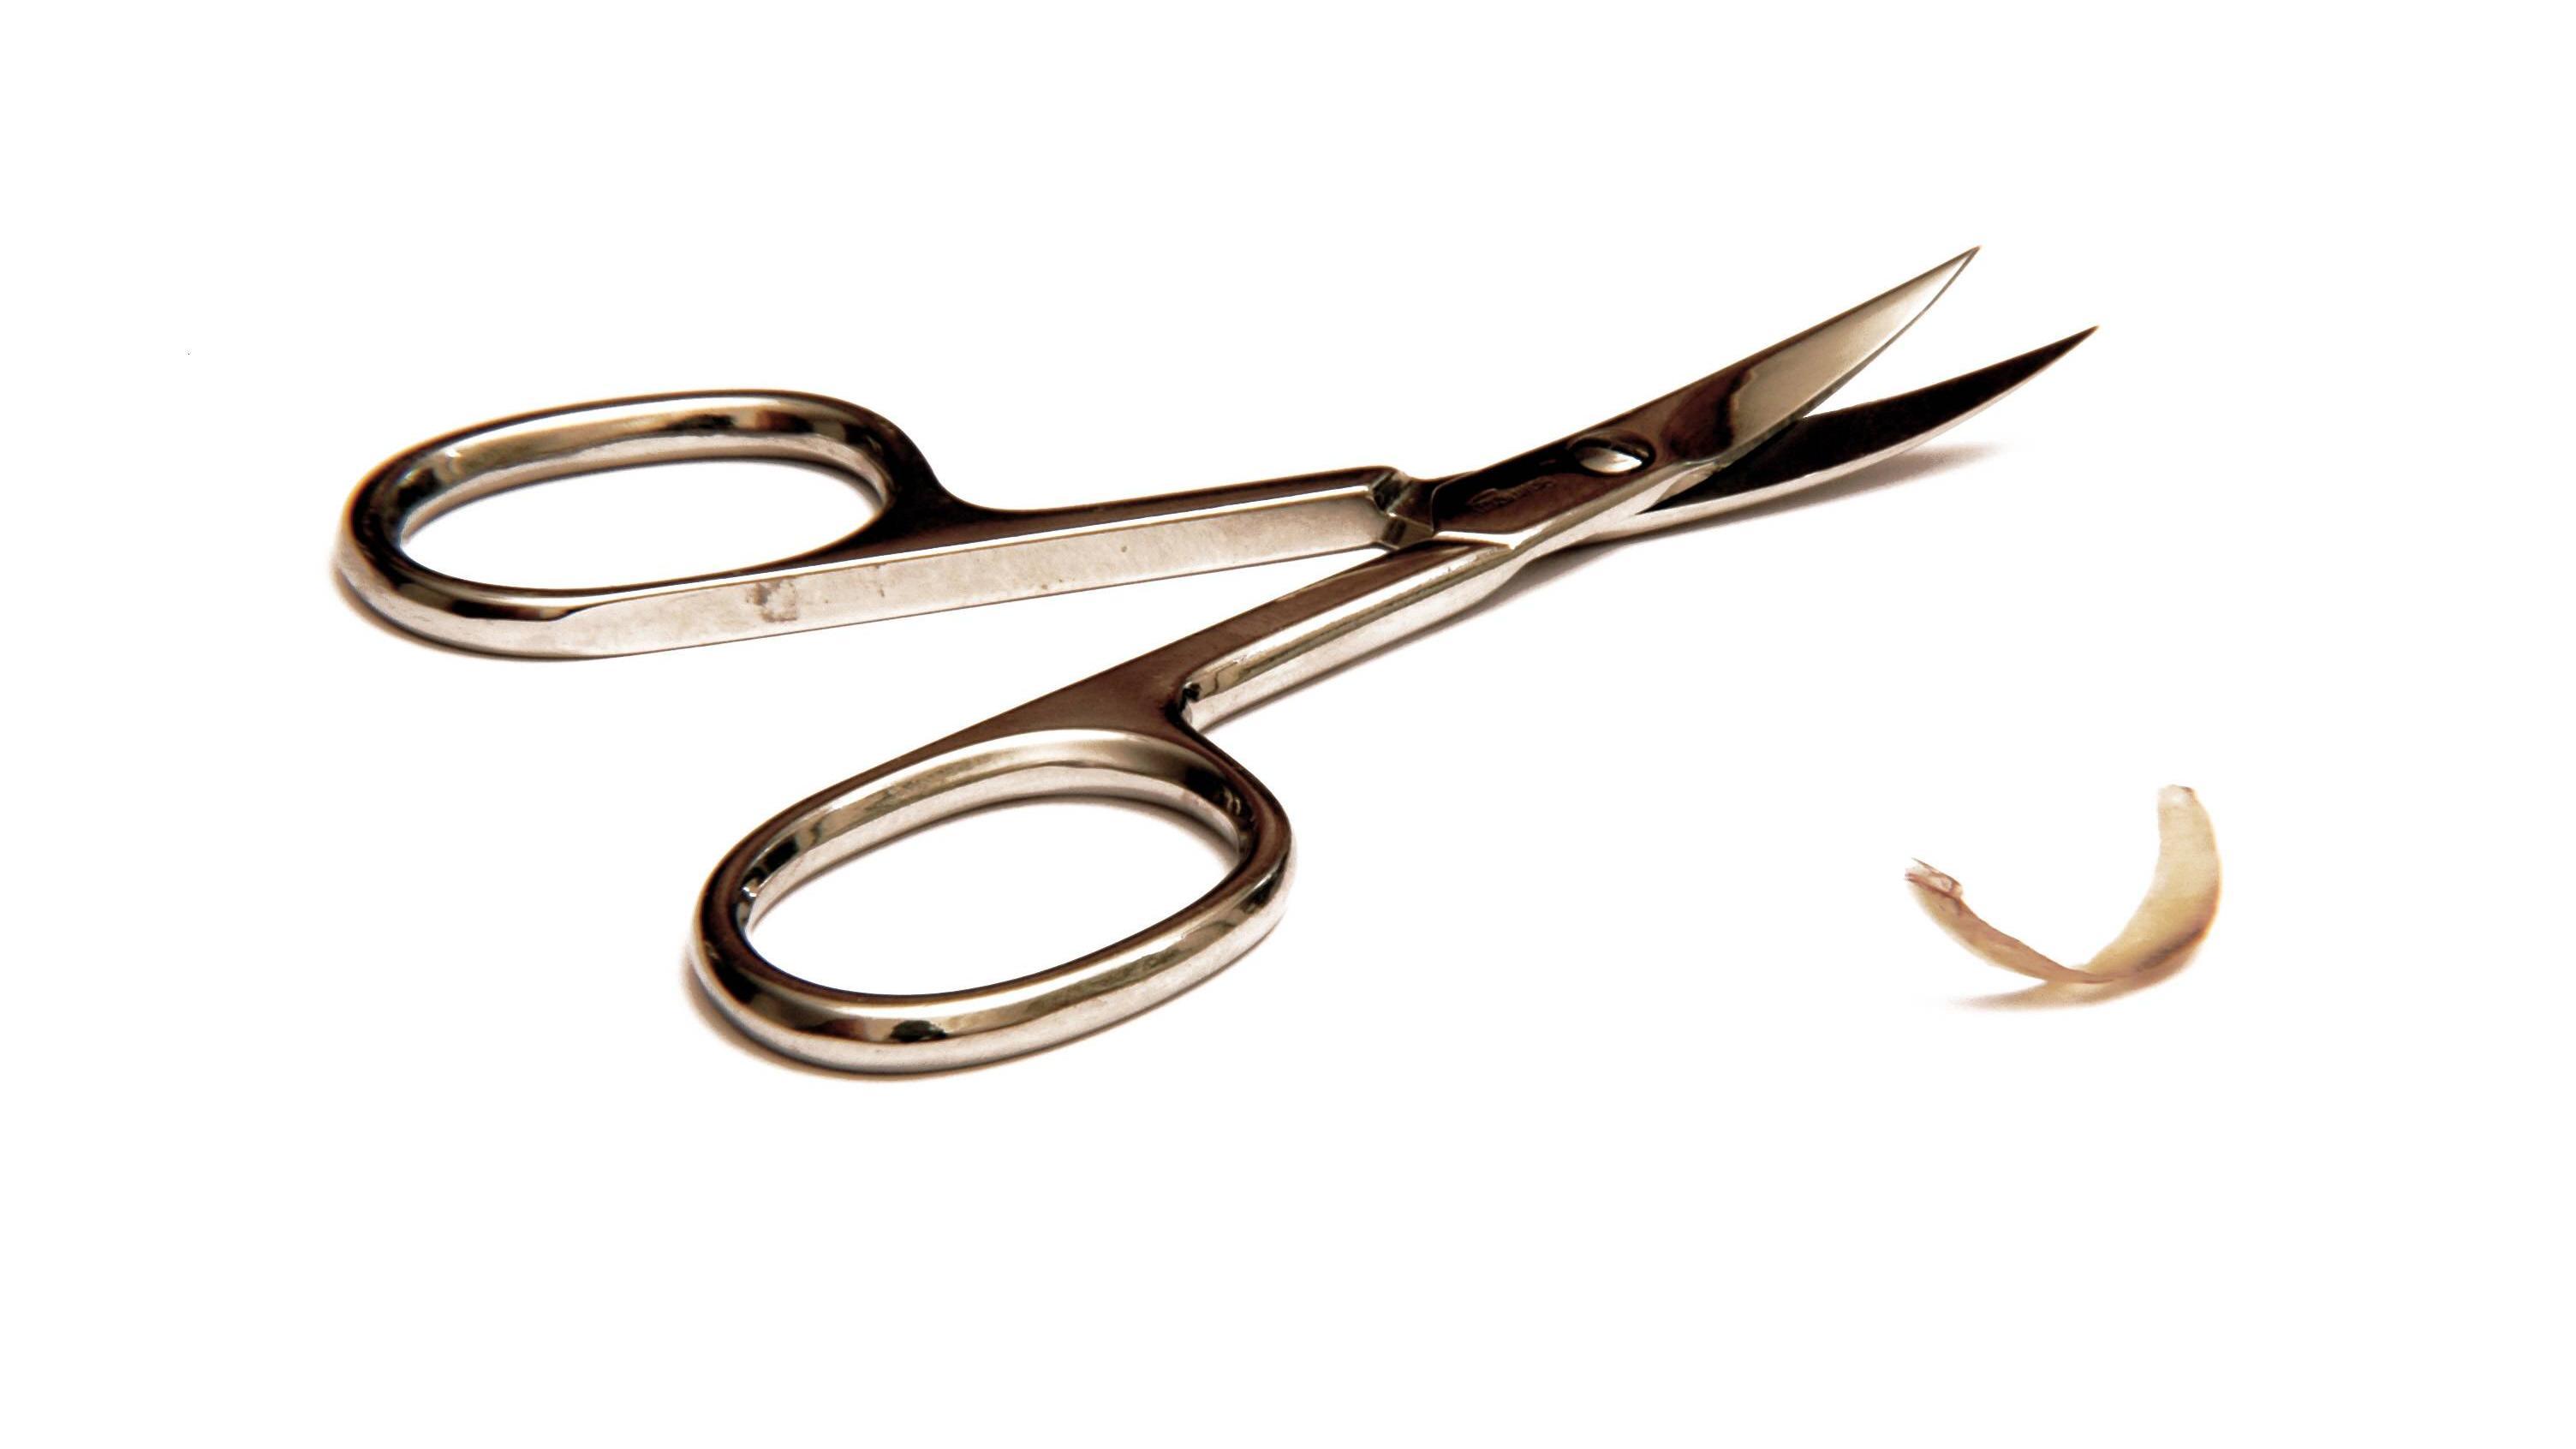 Ist der Fingernagel abgerissen, so hilft oft nur noch die Nagelschere.